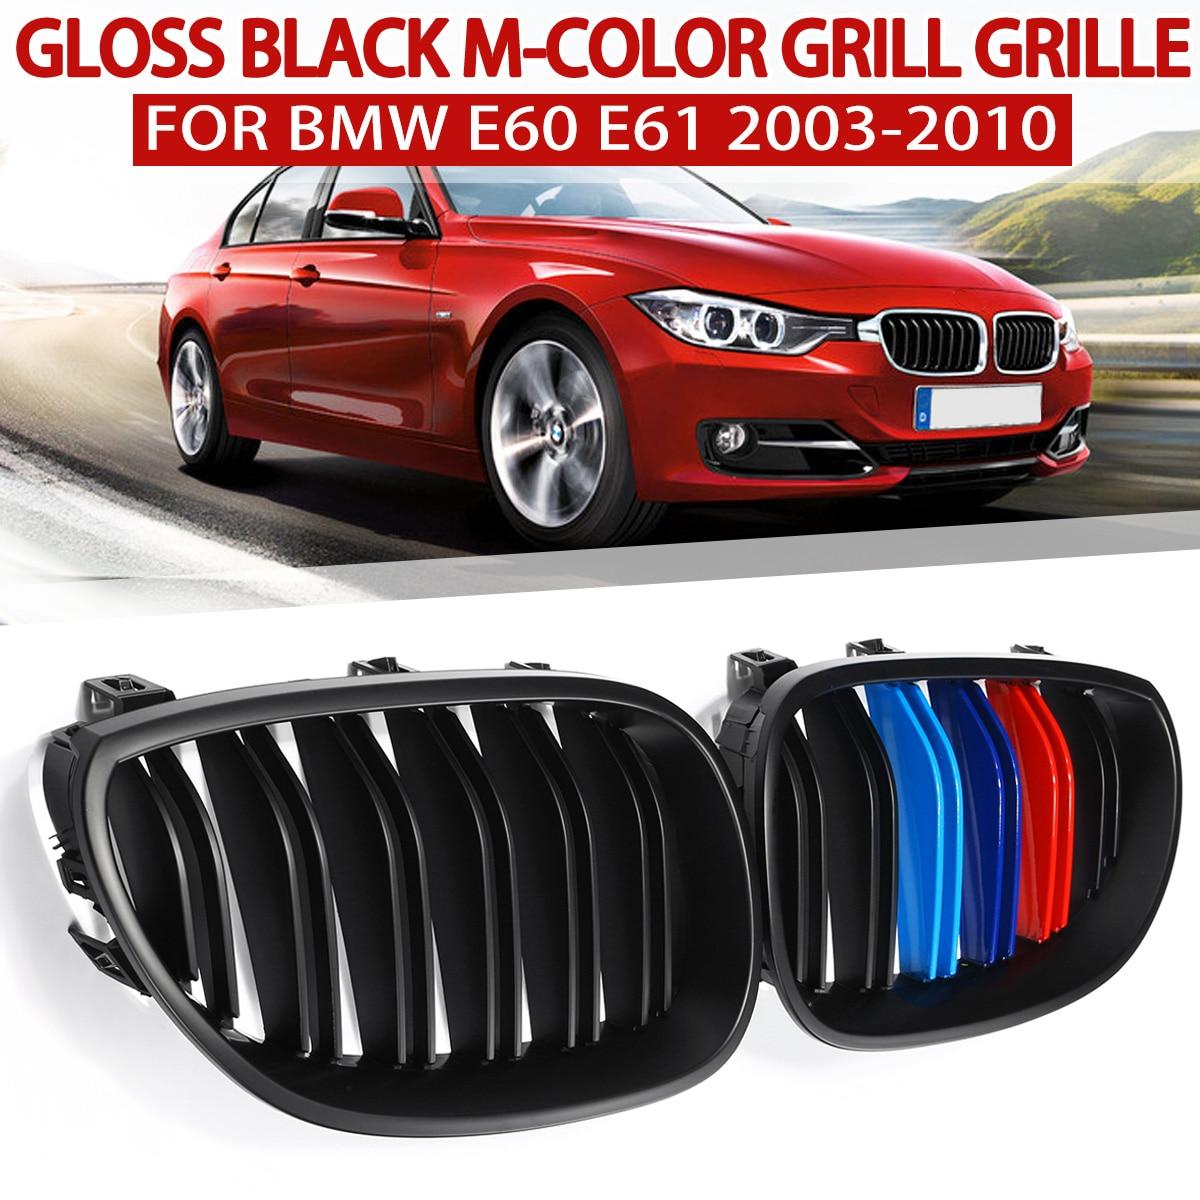 Paire New Gloss noir mat m-color rouge jaune couleur Grille de calandre avant pour BMW E60 2003 2004 2005 2006 2007 2008 2009 2010